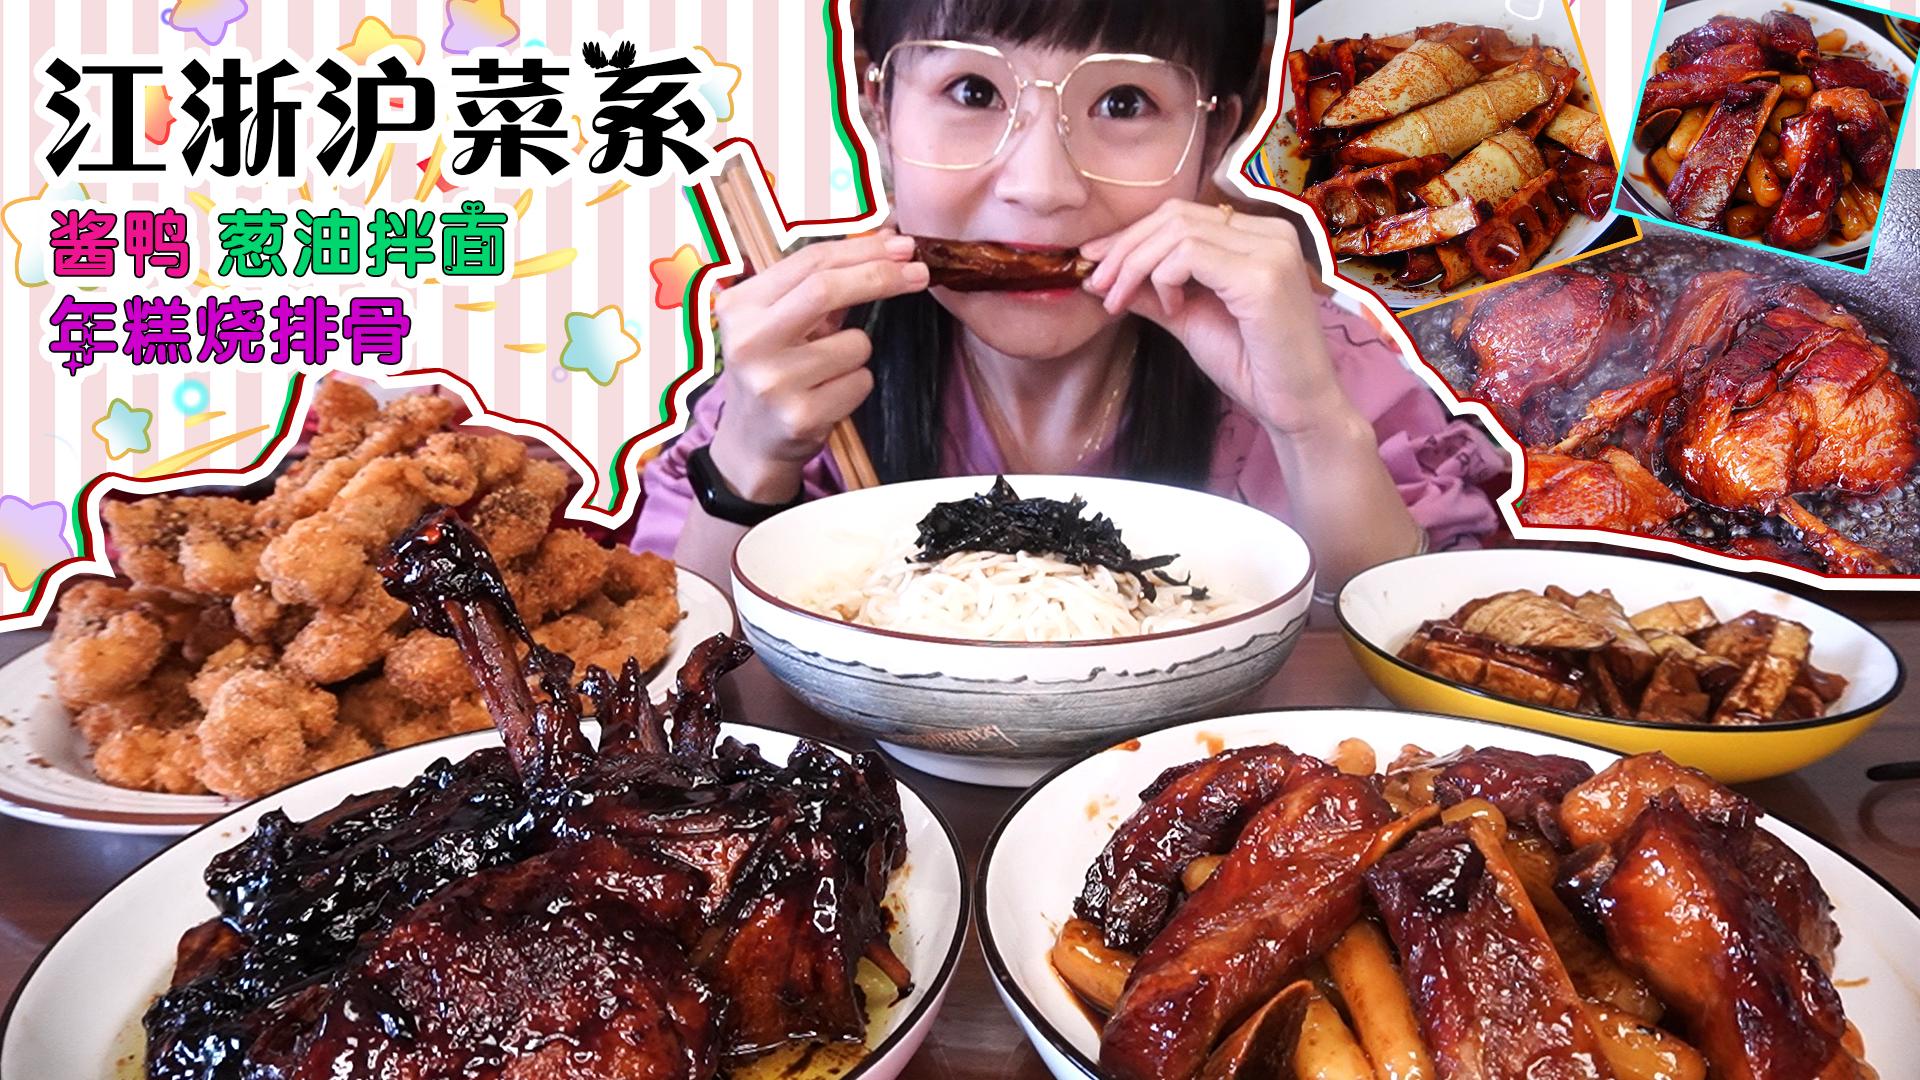 【小猪猪的vlog】宅家自制江浙沪菜!酱鸭、年糕烧排骨、甜口菜!